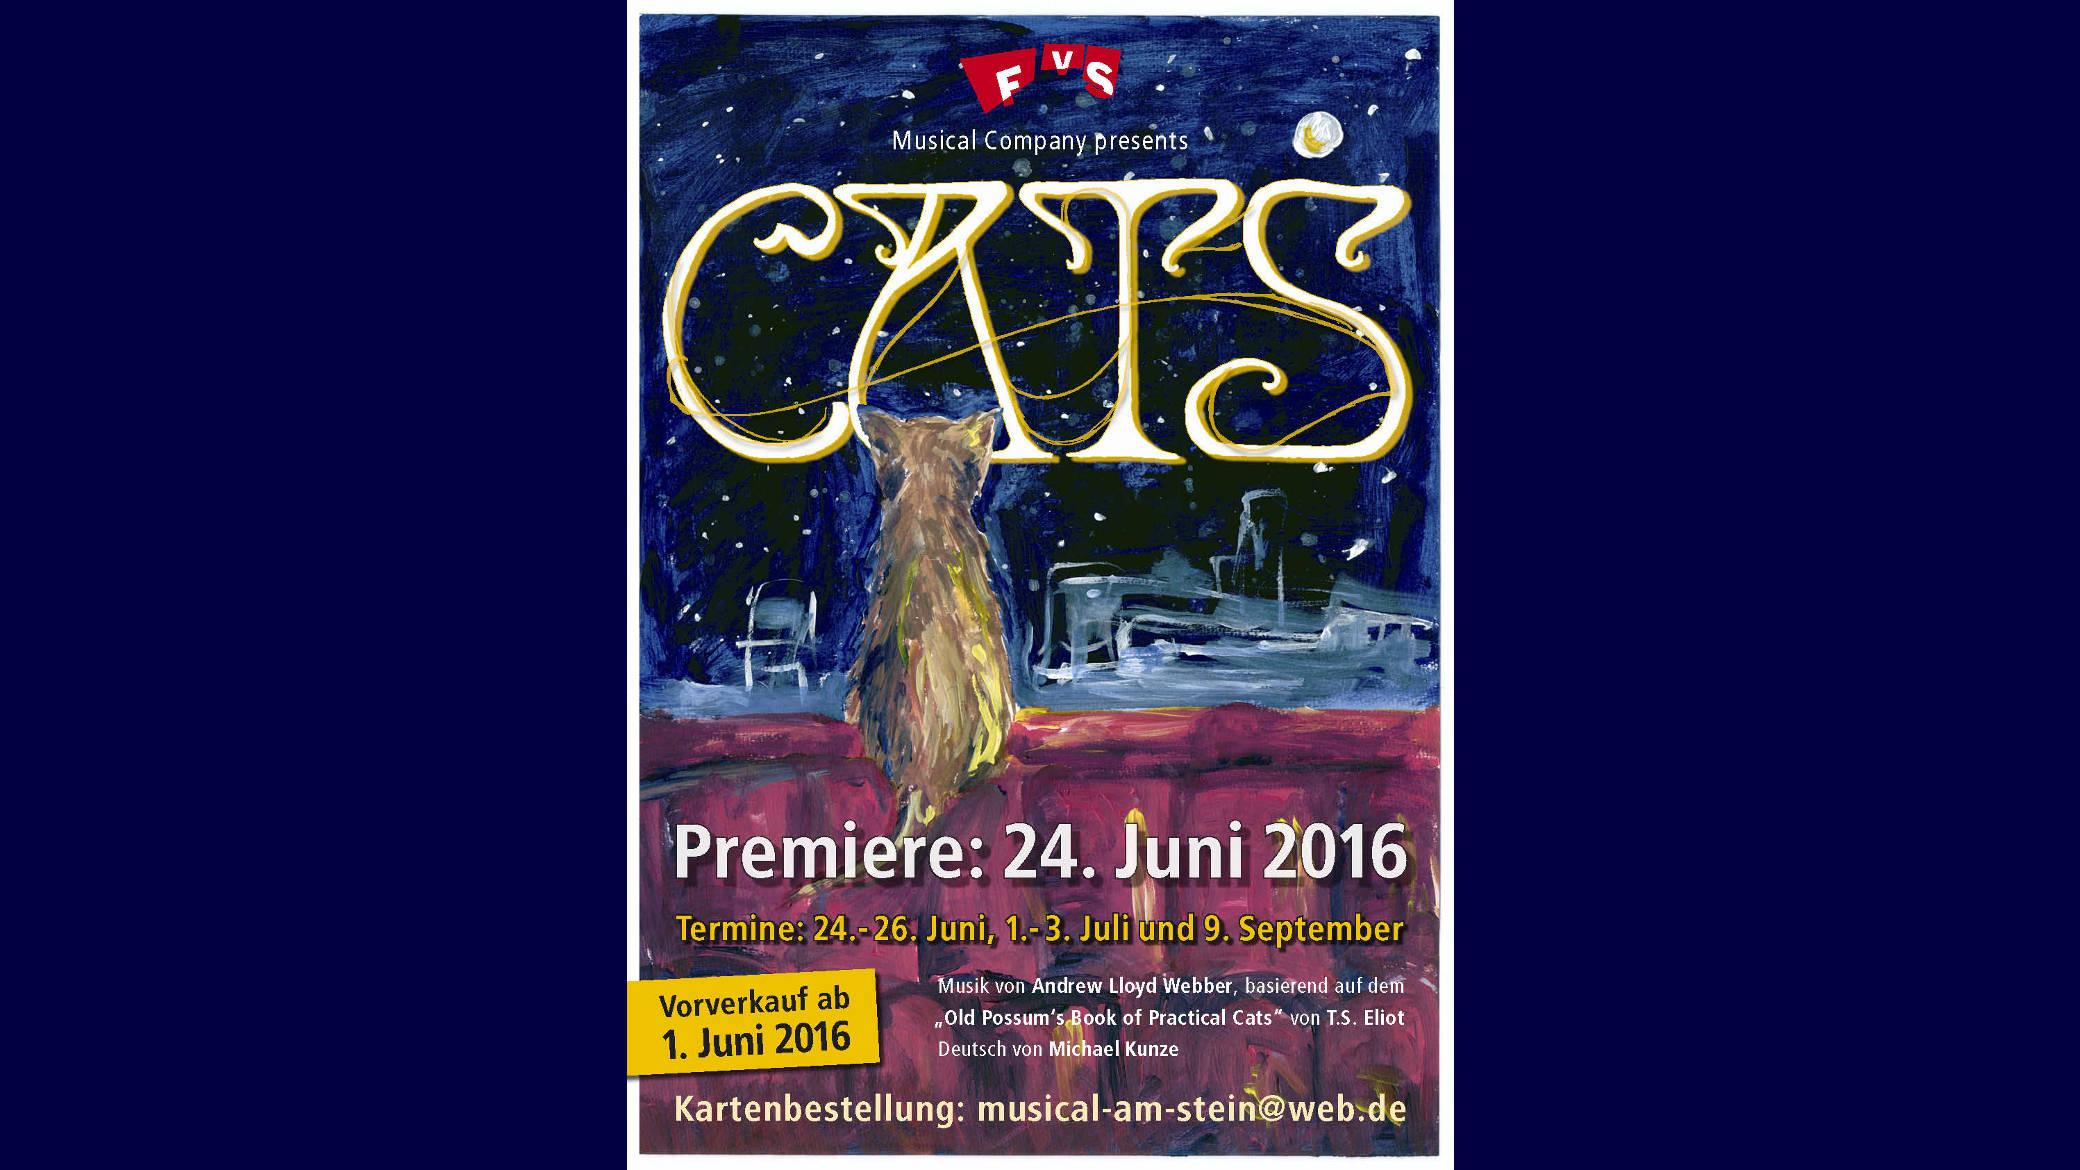 http://www.steingymnasium.de/wp-content/uploads/2016/06/catsslider2016.jpg